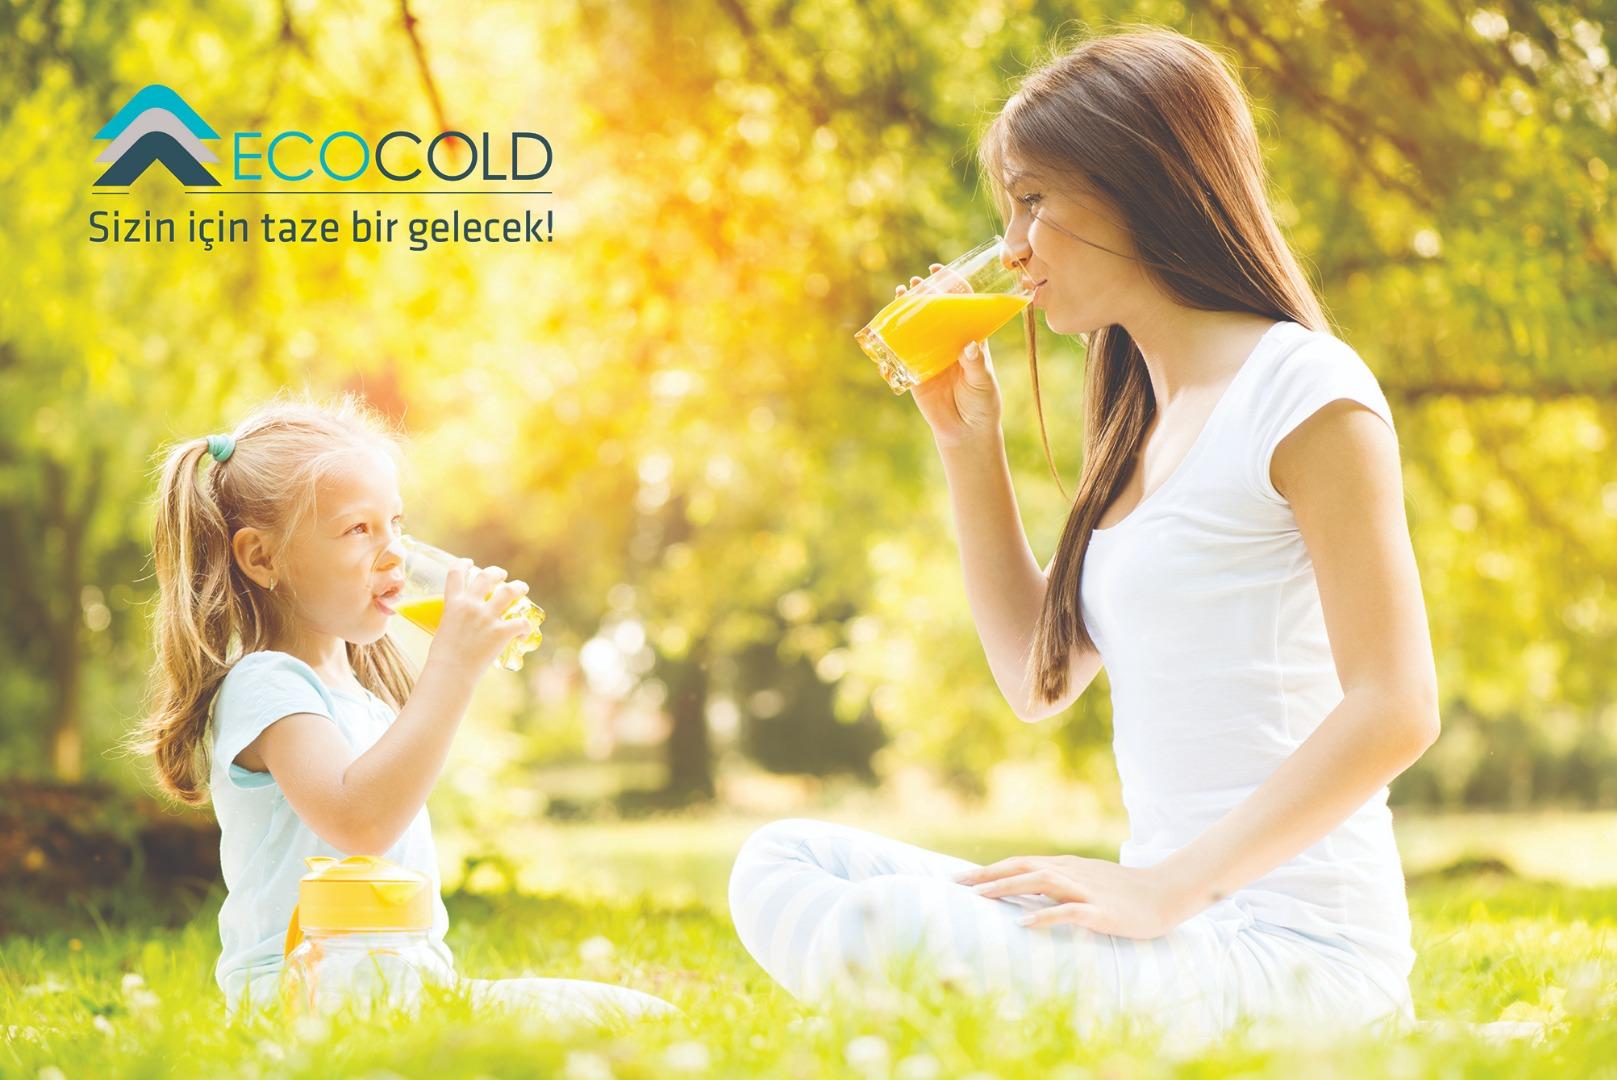 Ecocold soğuk zincirin kırılmaması için mücadele ediyor